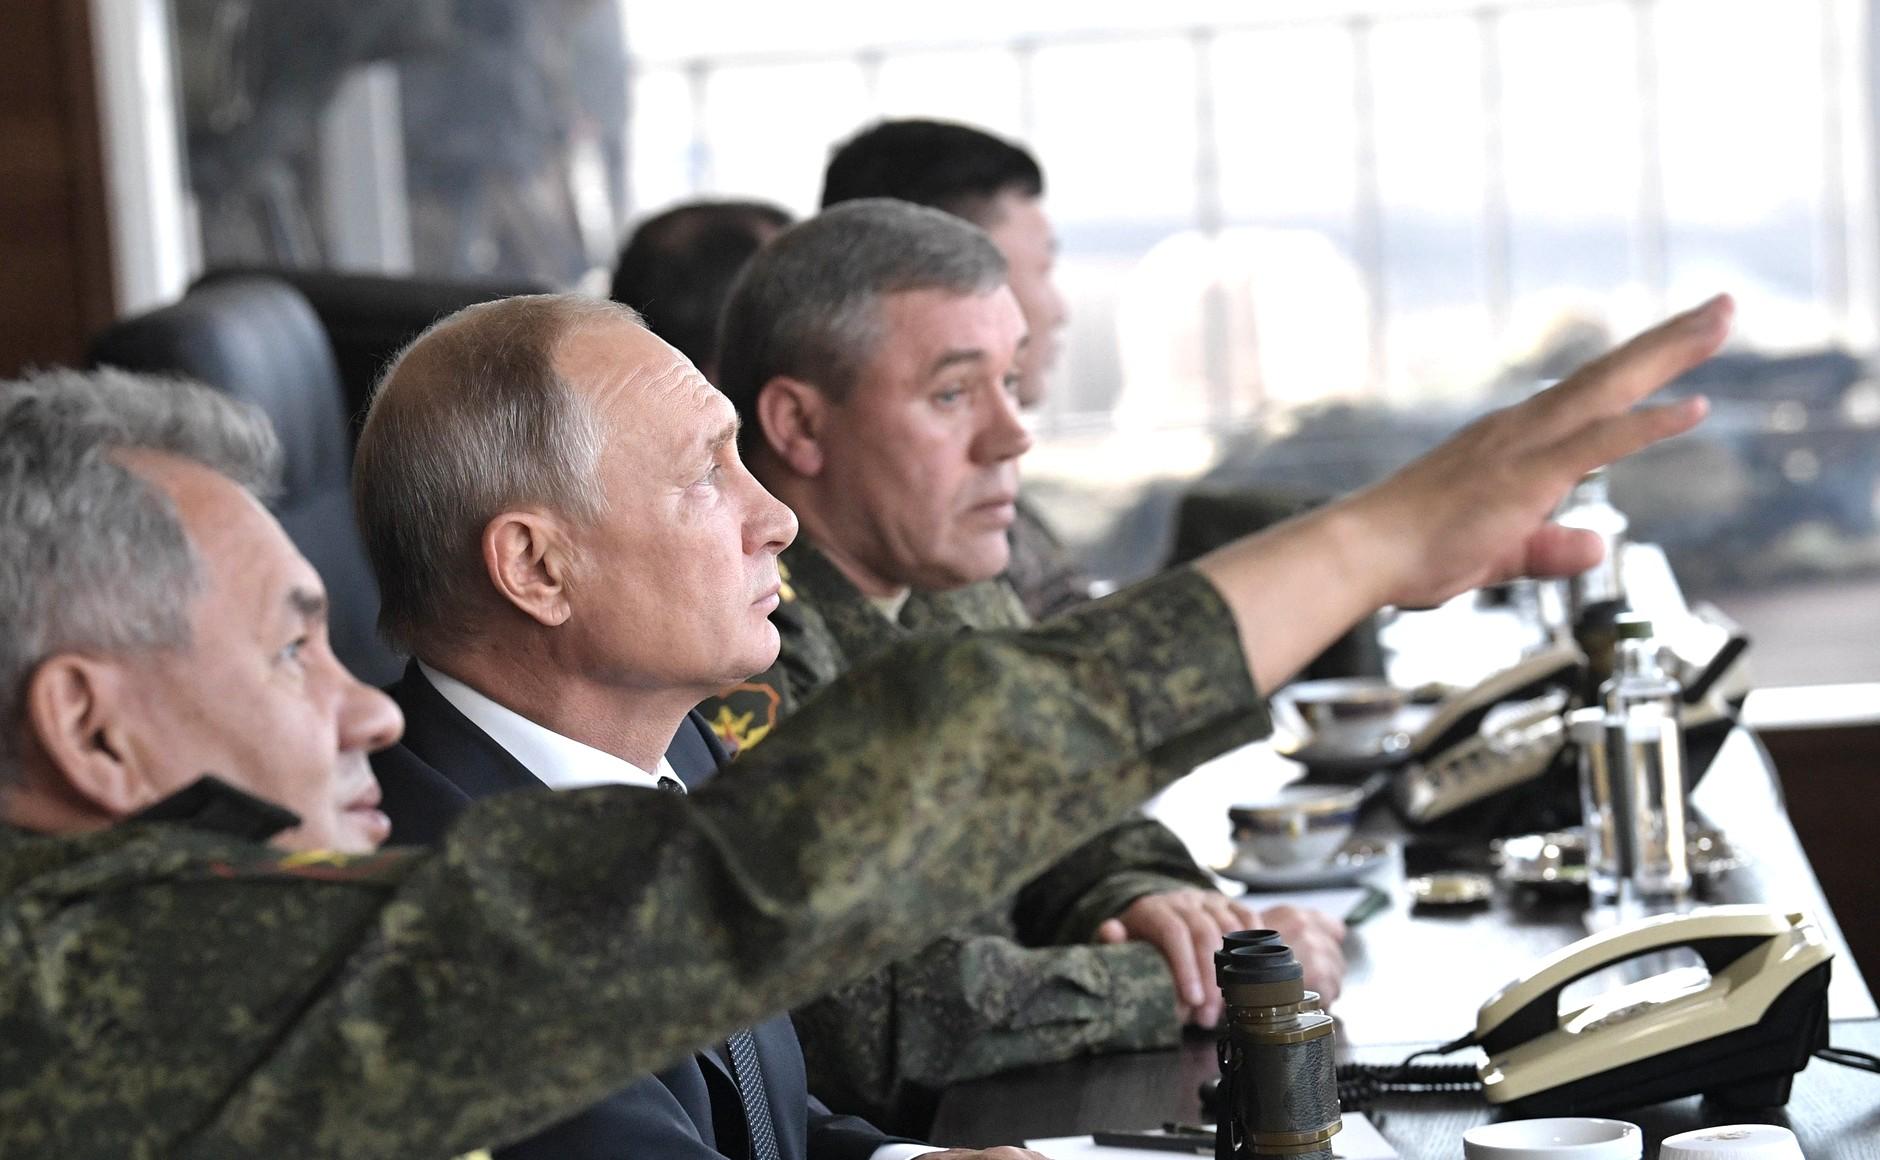 صورة روسيا تلوح بالحرب على إدلب.. تصريحات رسمية